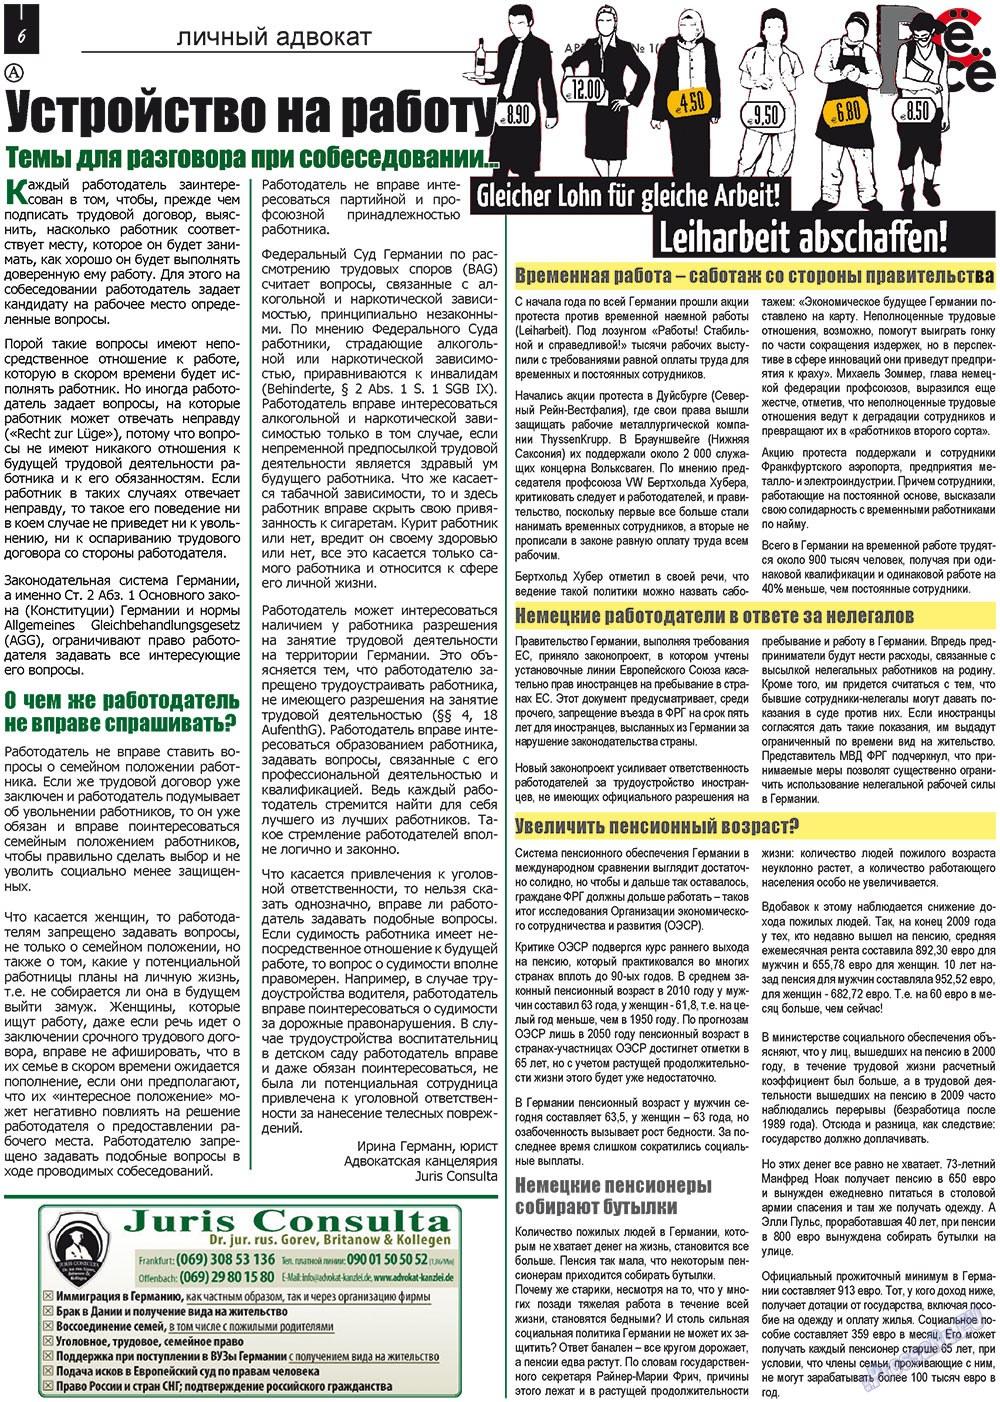 Все pro все (газета). 2011 год, номер 1, стр. 6